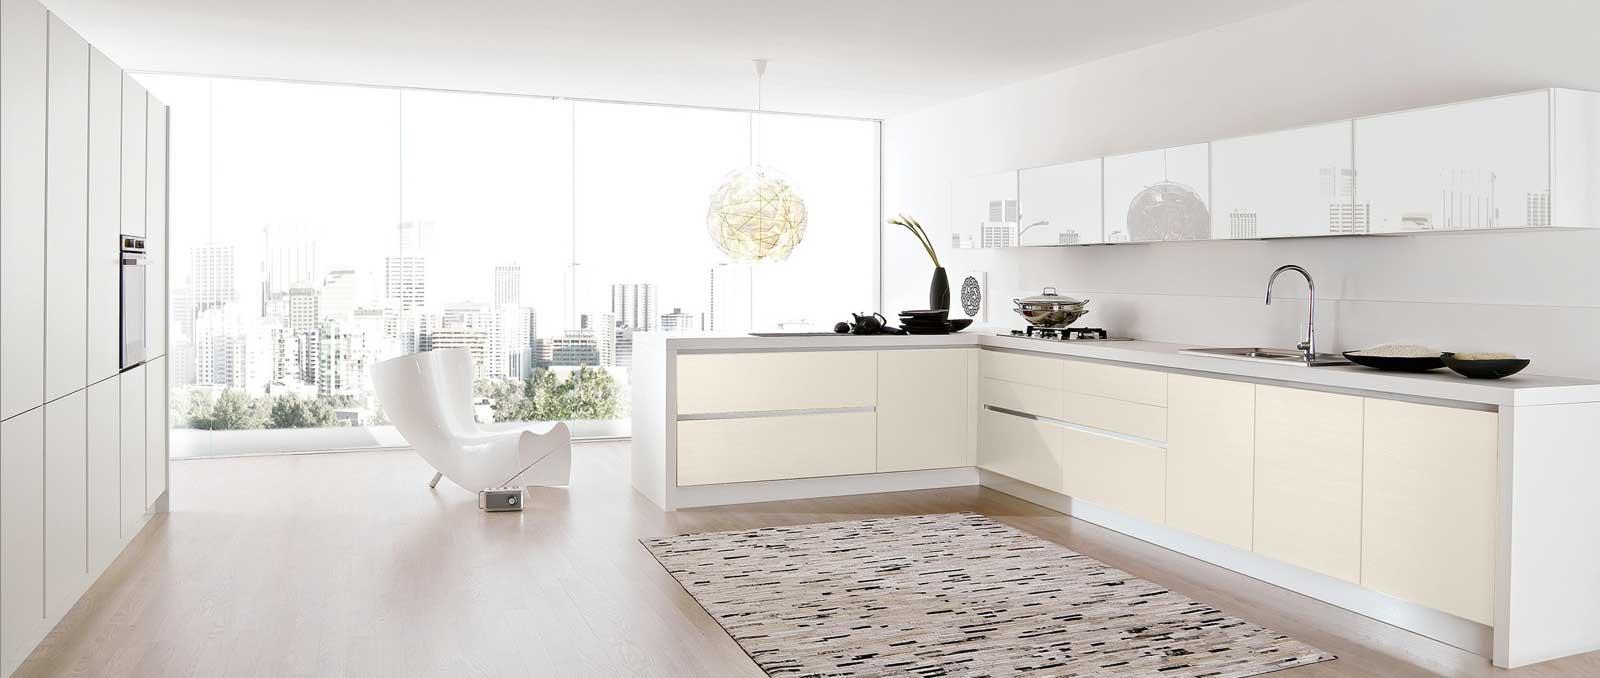 Cuisine minimaliste et fonctionnelle qui se concentre sur l'essentiel jusque dans le moindre détail avec son jeu de couleur ivoire et blanc.